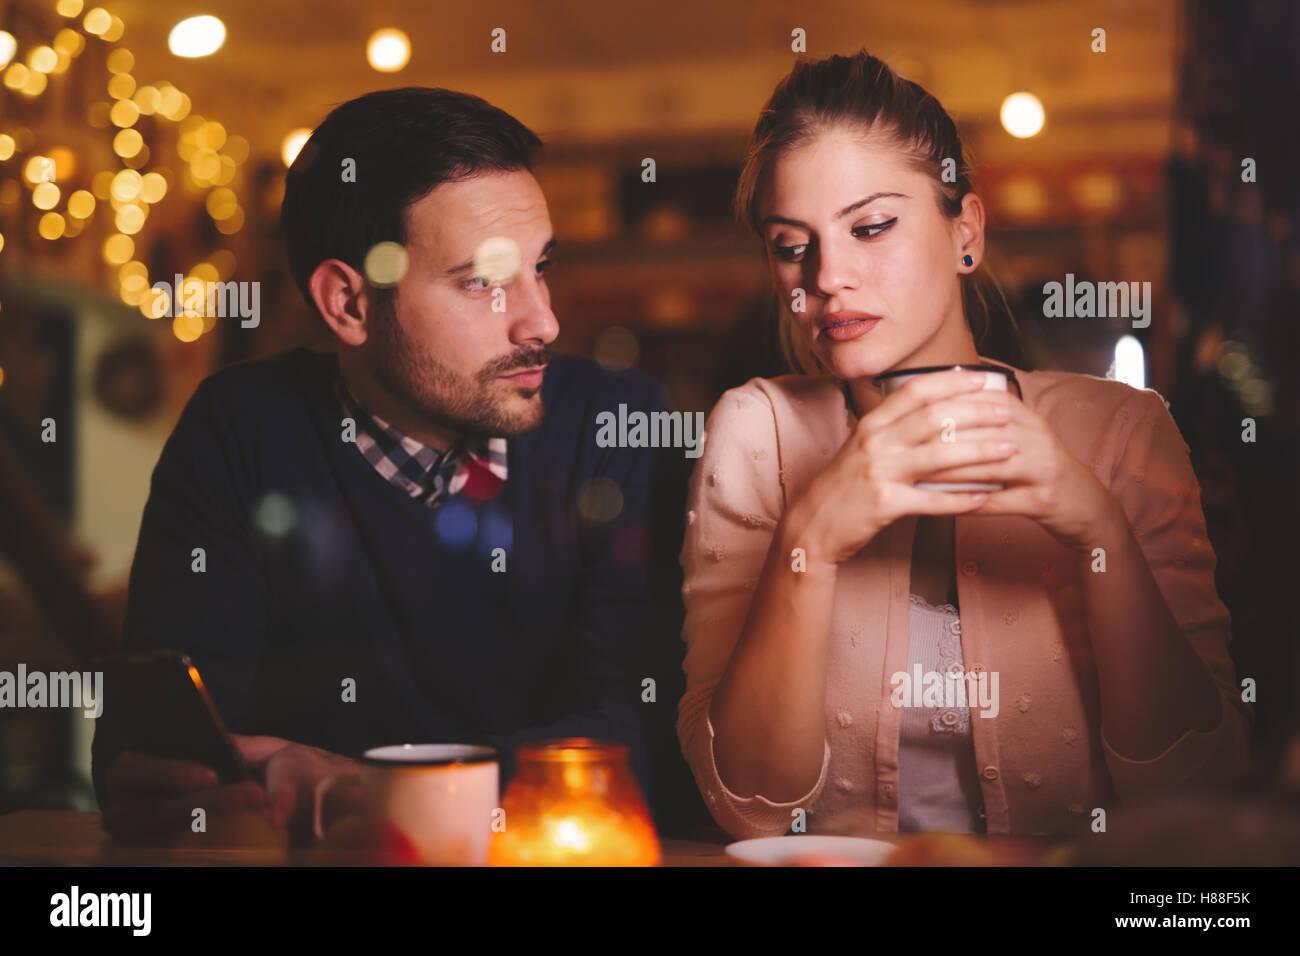 Triste couple having a conflits et problèmes de rapport Photo Stock